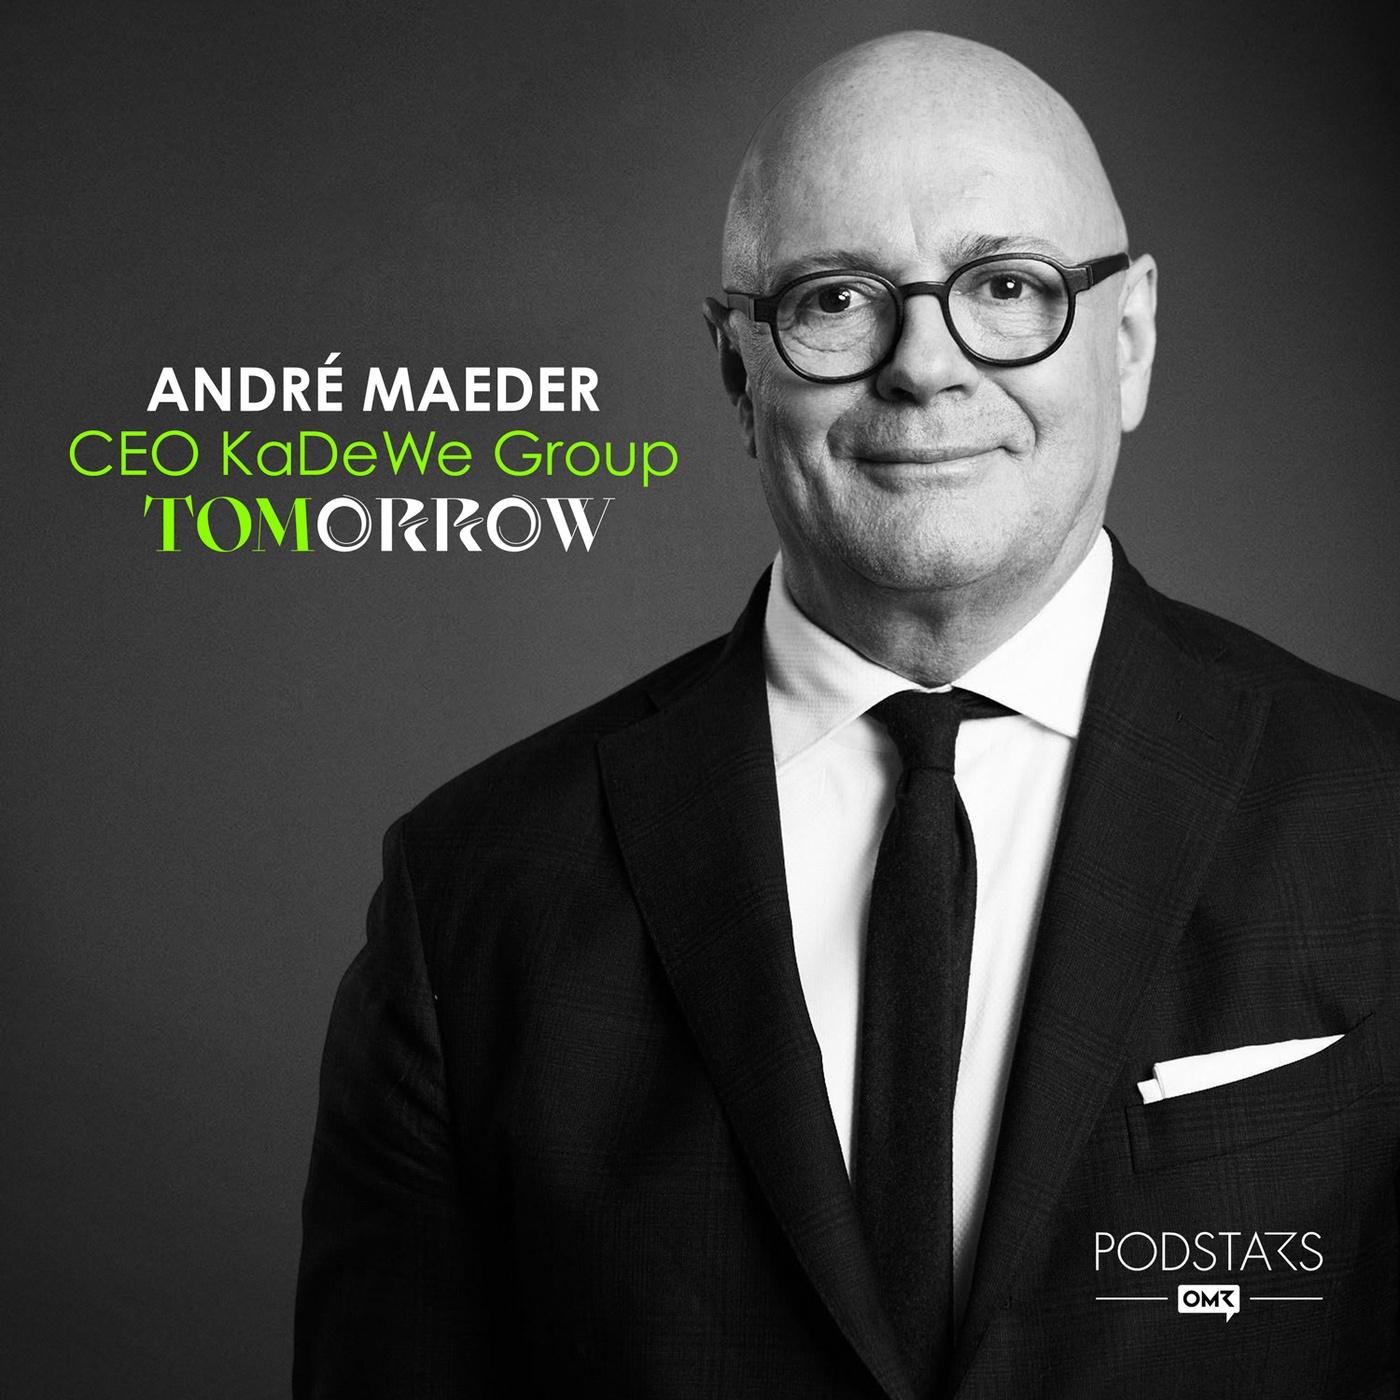 Die neue Ära des Luxury-Shoppings – mit André Maeder, CEO KaDeWe-Group